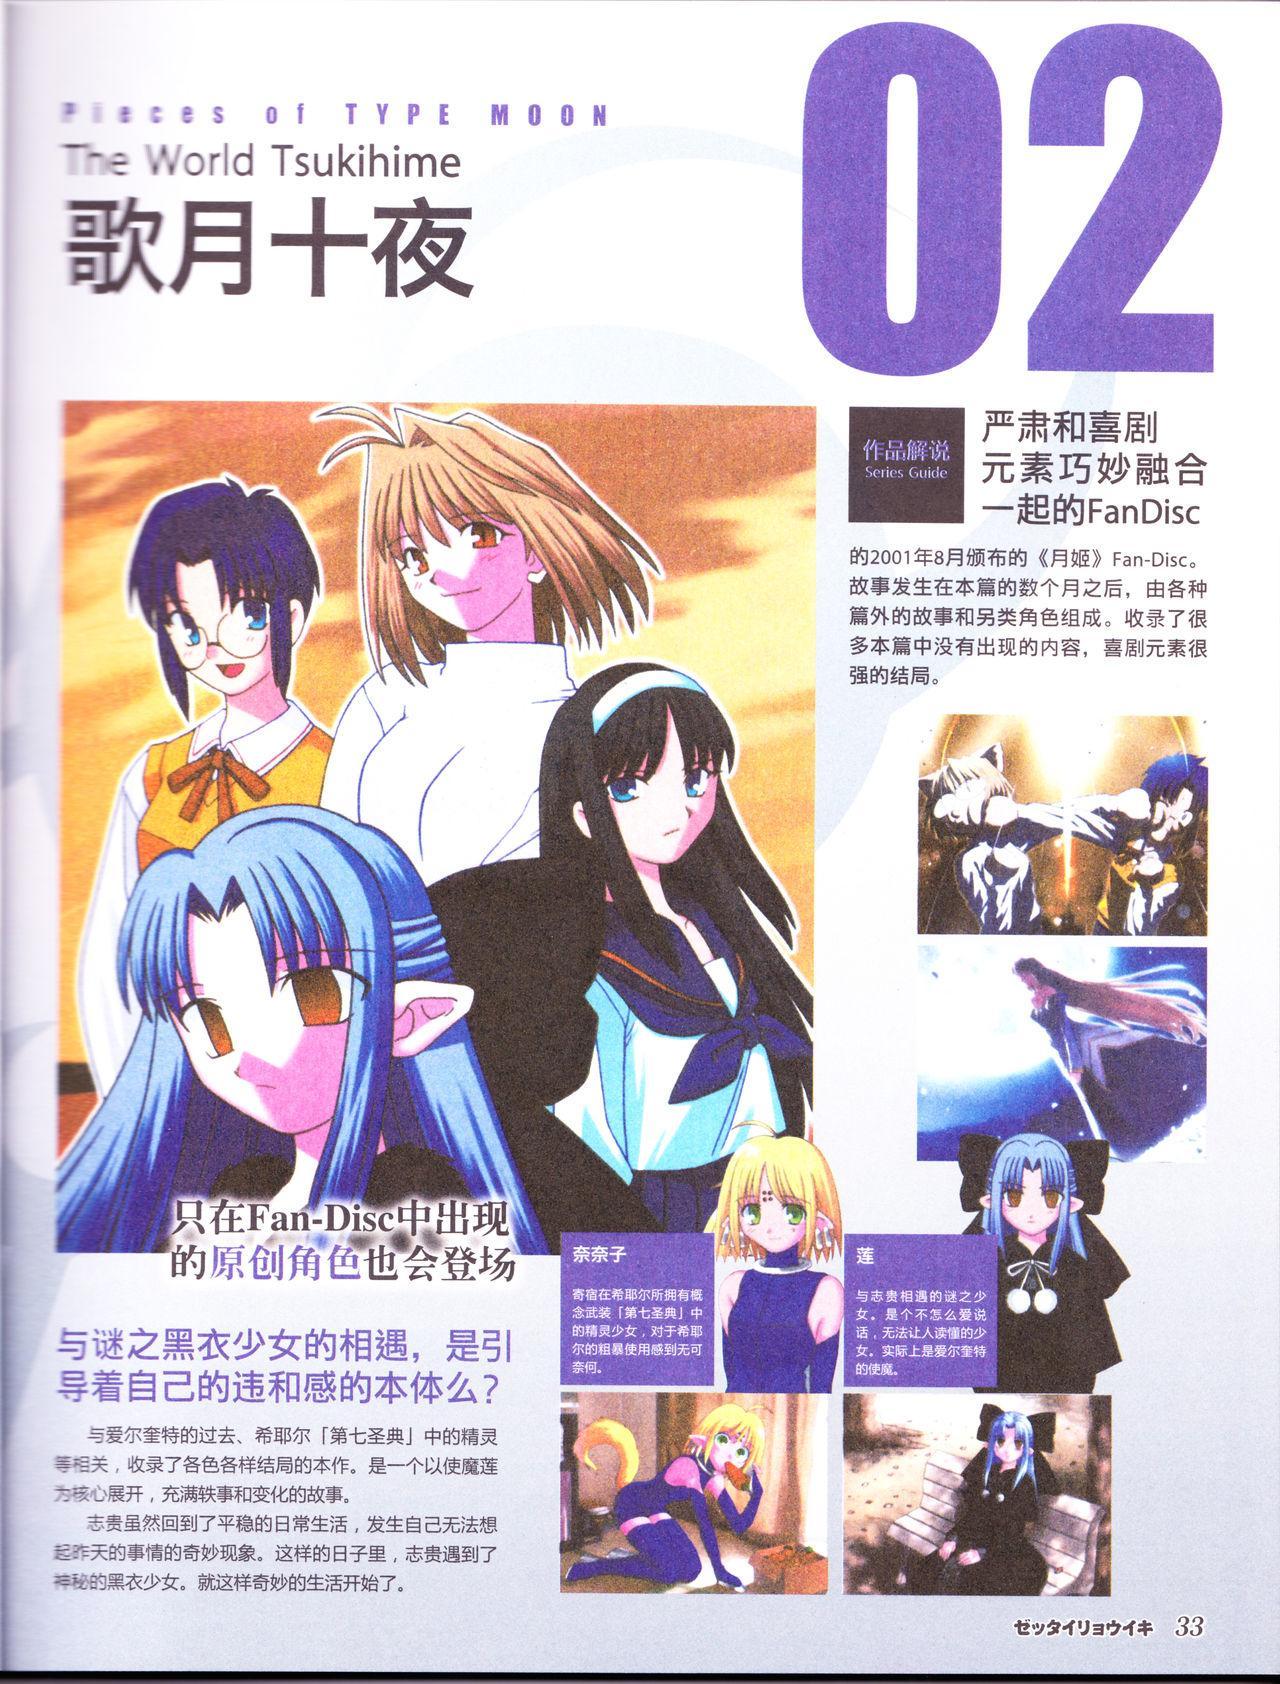 zettairyouiki TYPE-MOON 34